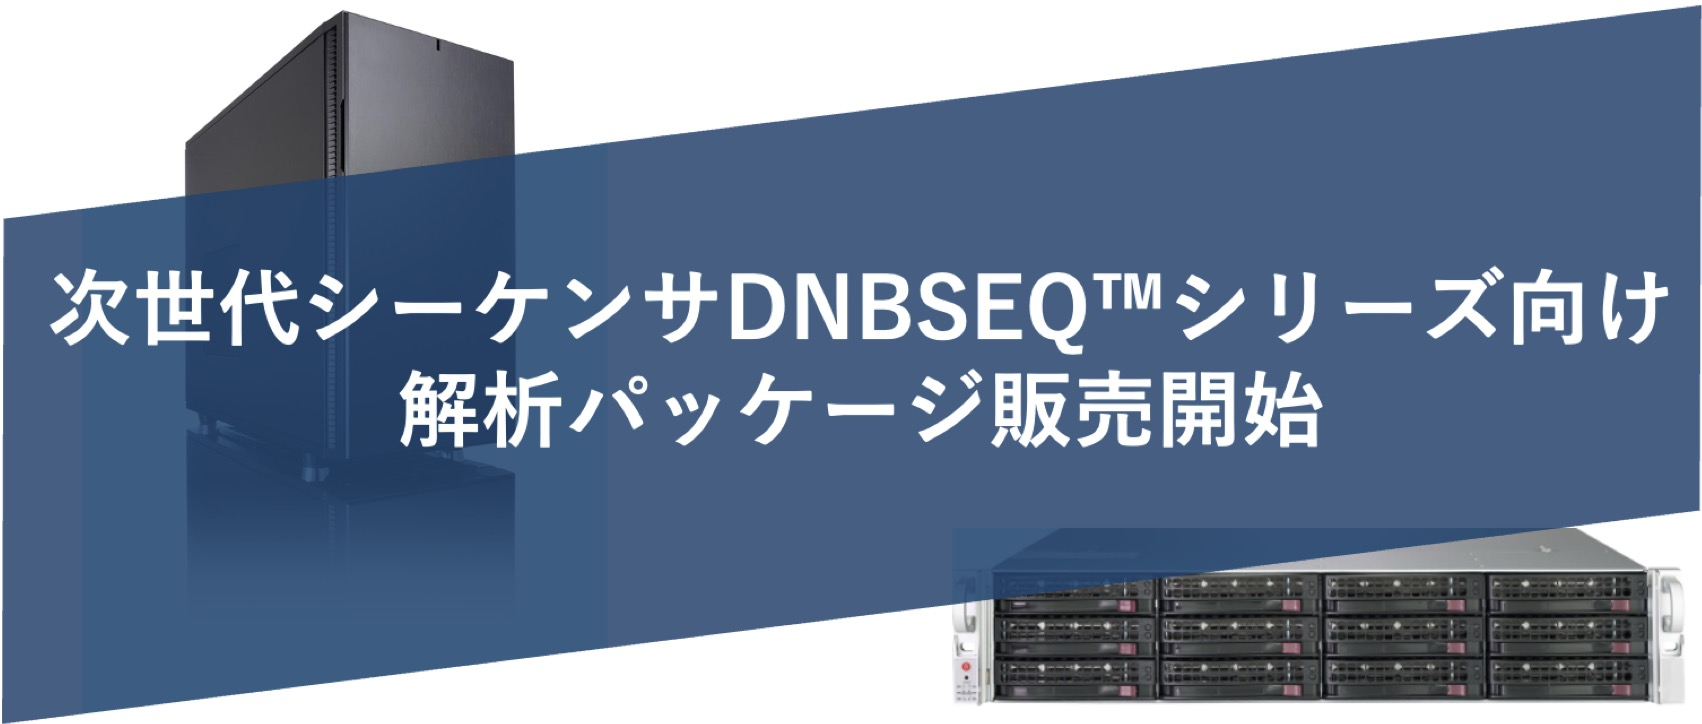 次世代シーケンサー「DNBSEQ™シリーズ」向け解析パッケージを発売